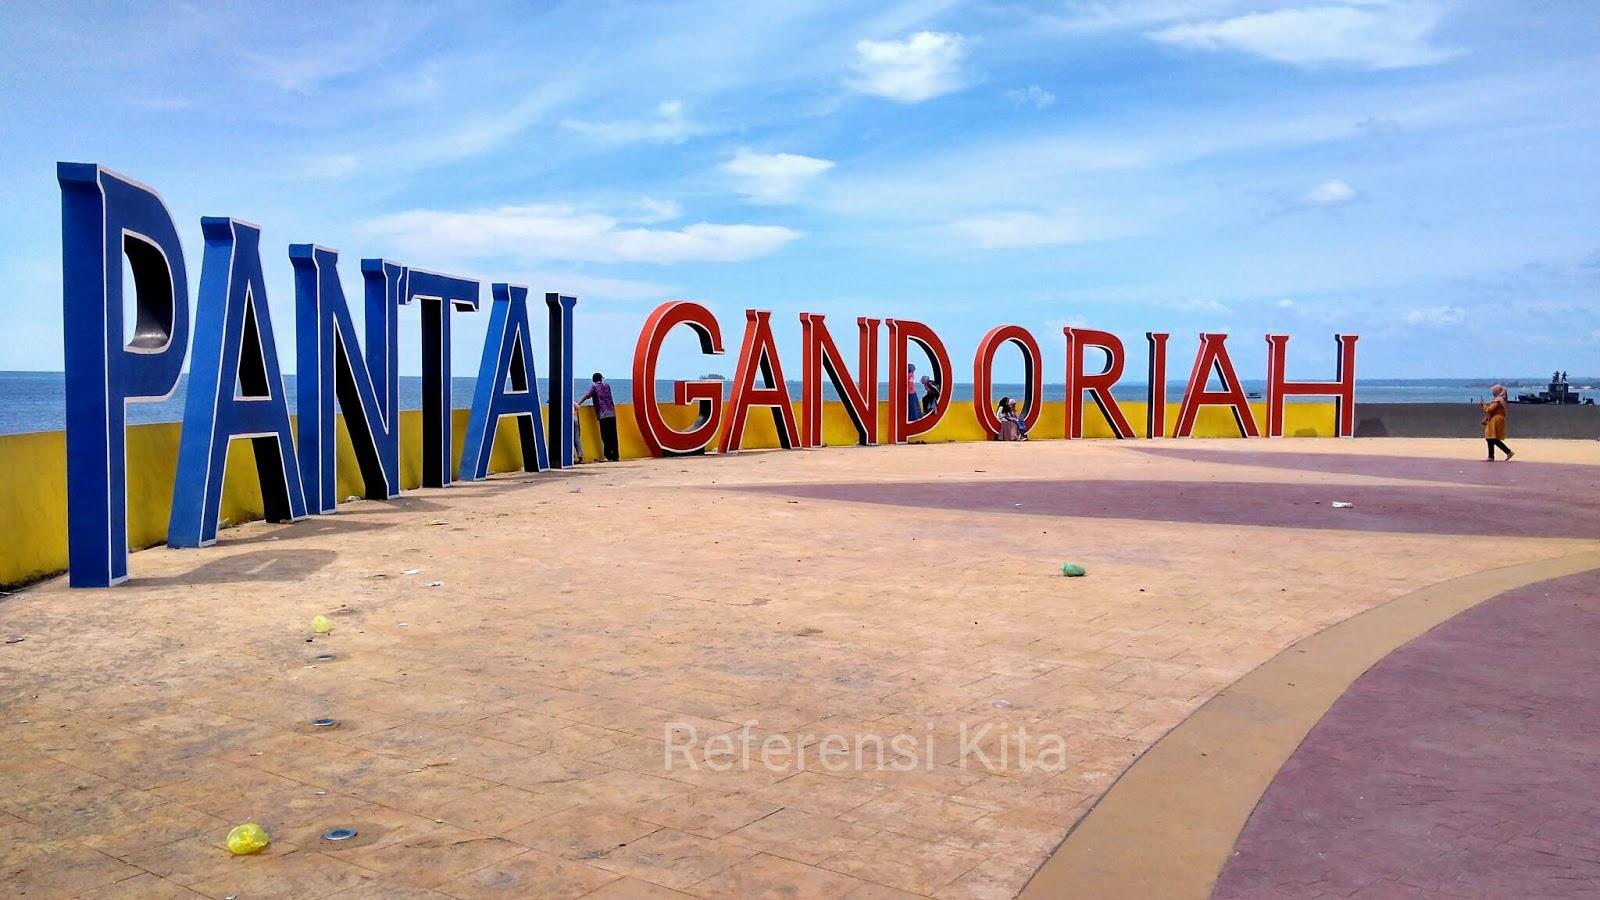 Wisata populer di Pariaman yakni Pantai Gandoriah